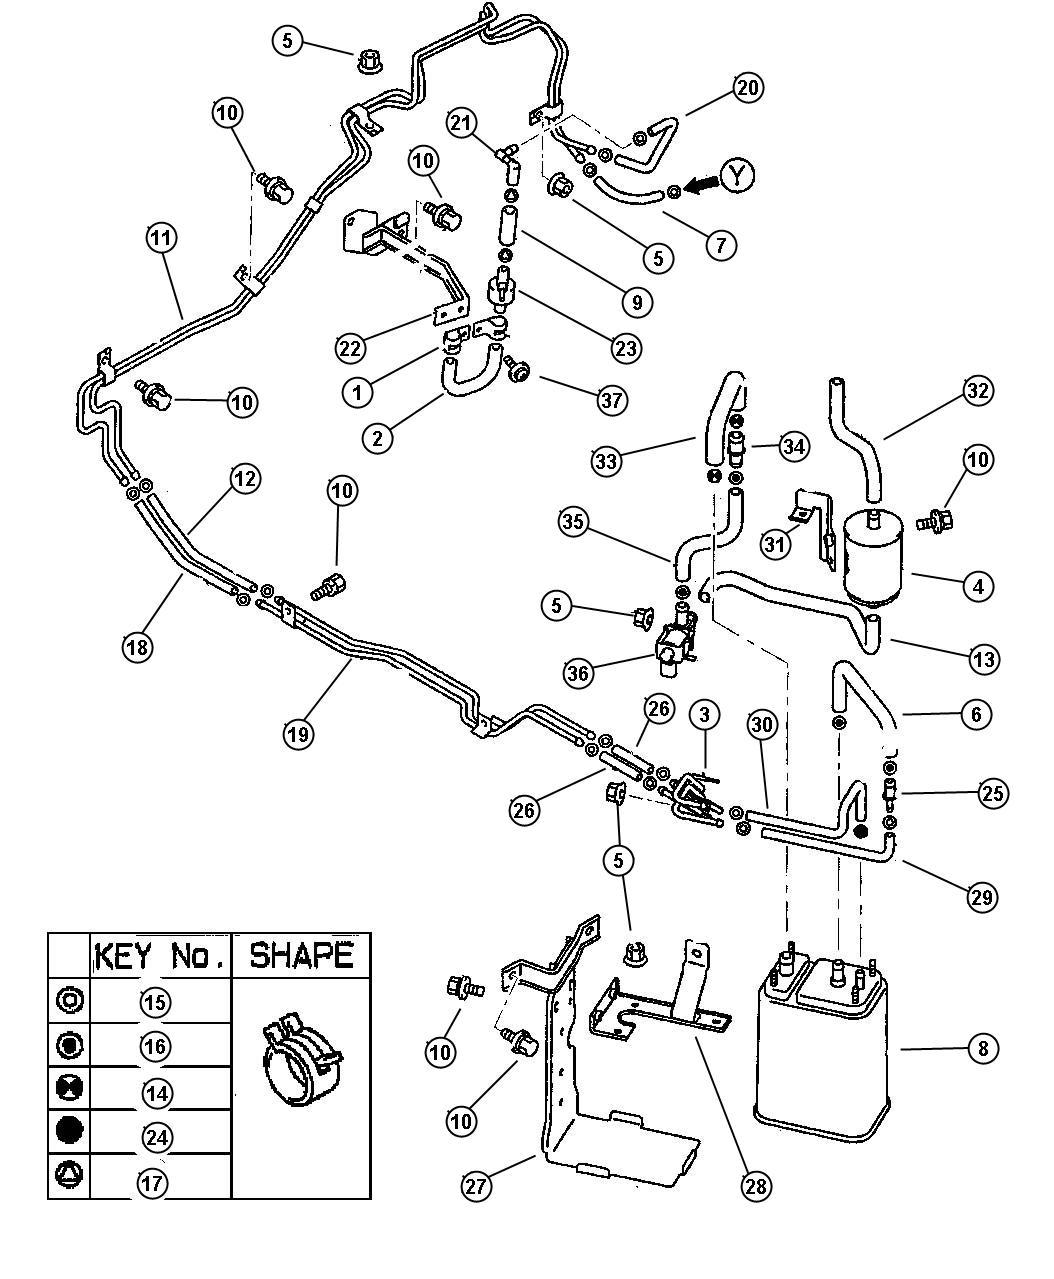 1995 Dodge Avenger Clip. Fuel vapor tube. 10.0 diameter